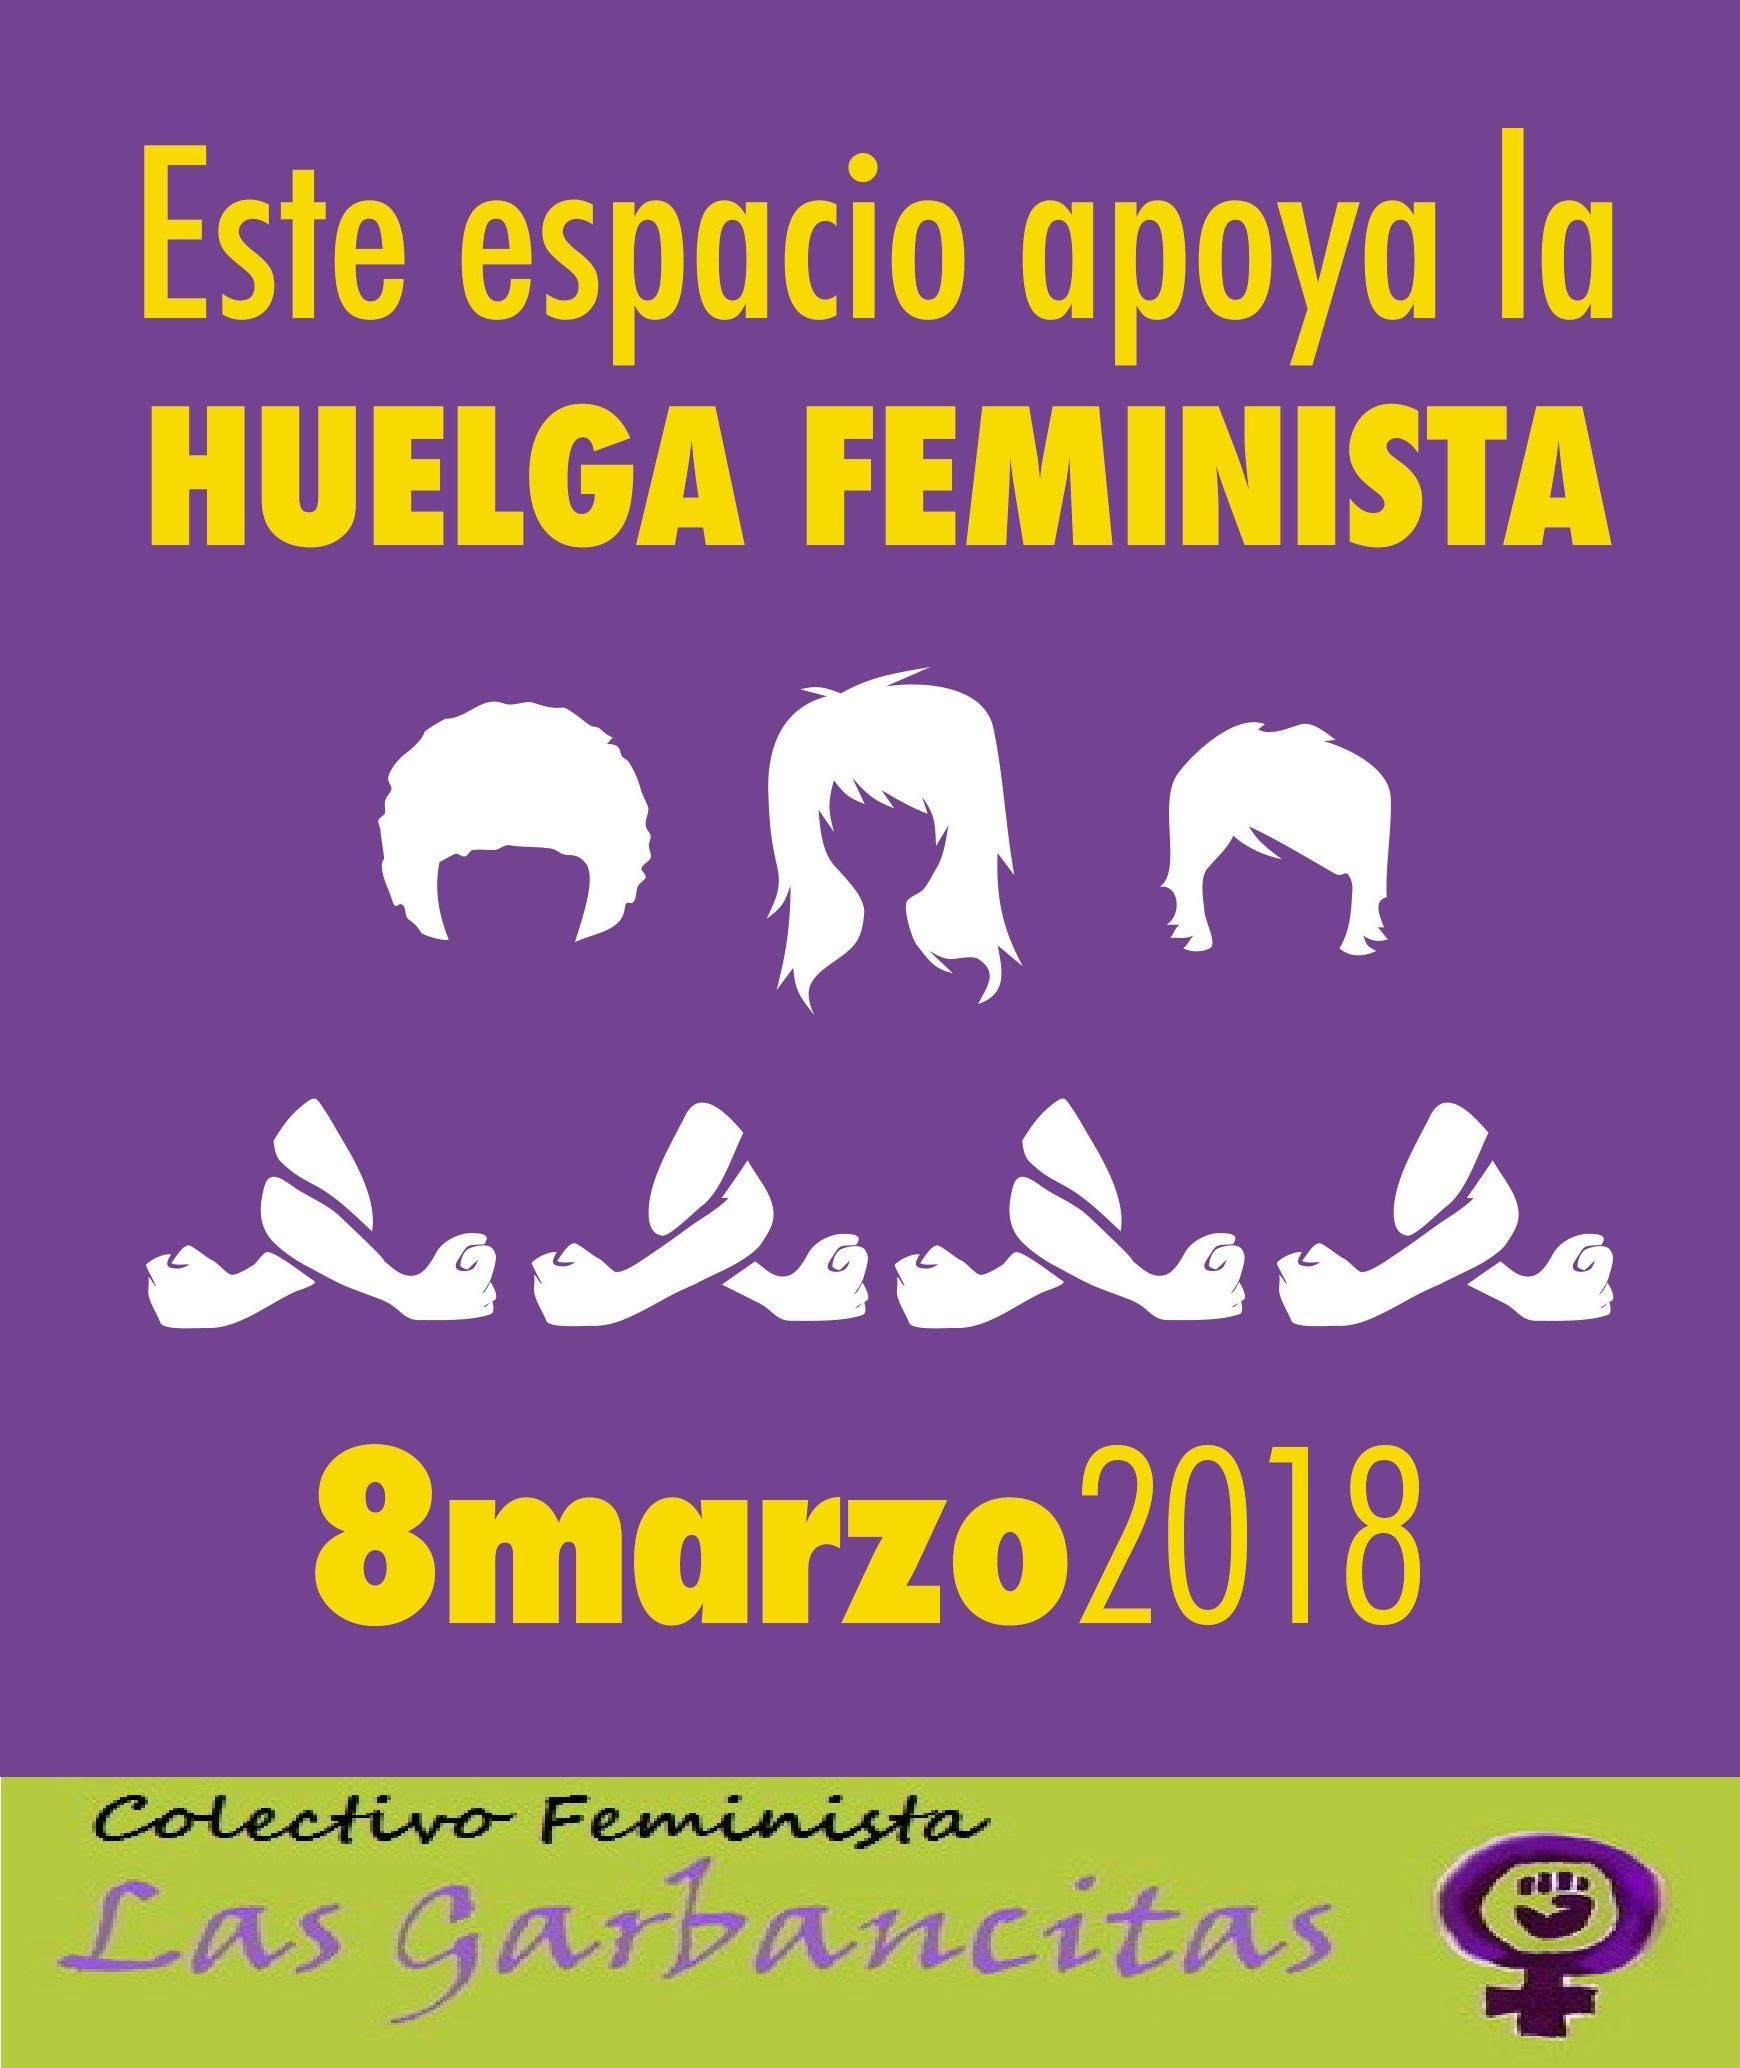 Dia Del Trabajador Mujeres 8 de marzo de 2018: día internacional de la mujer y huelga